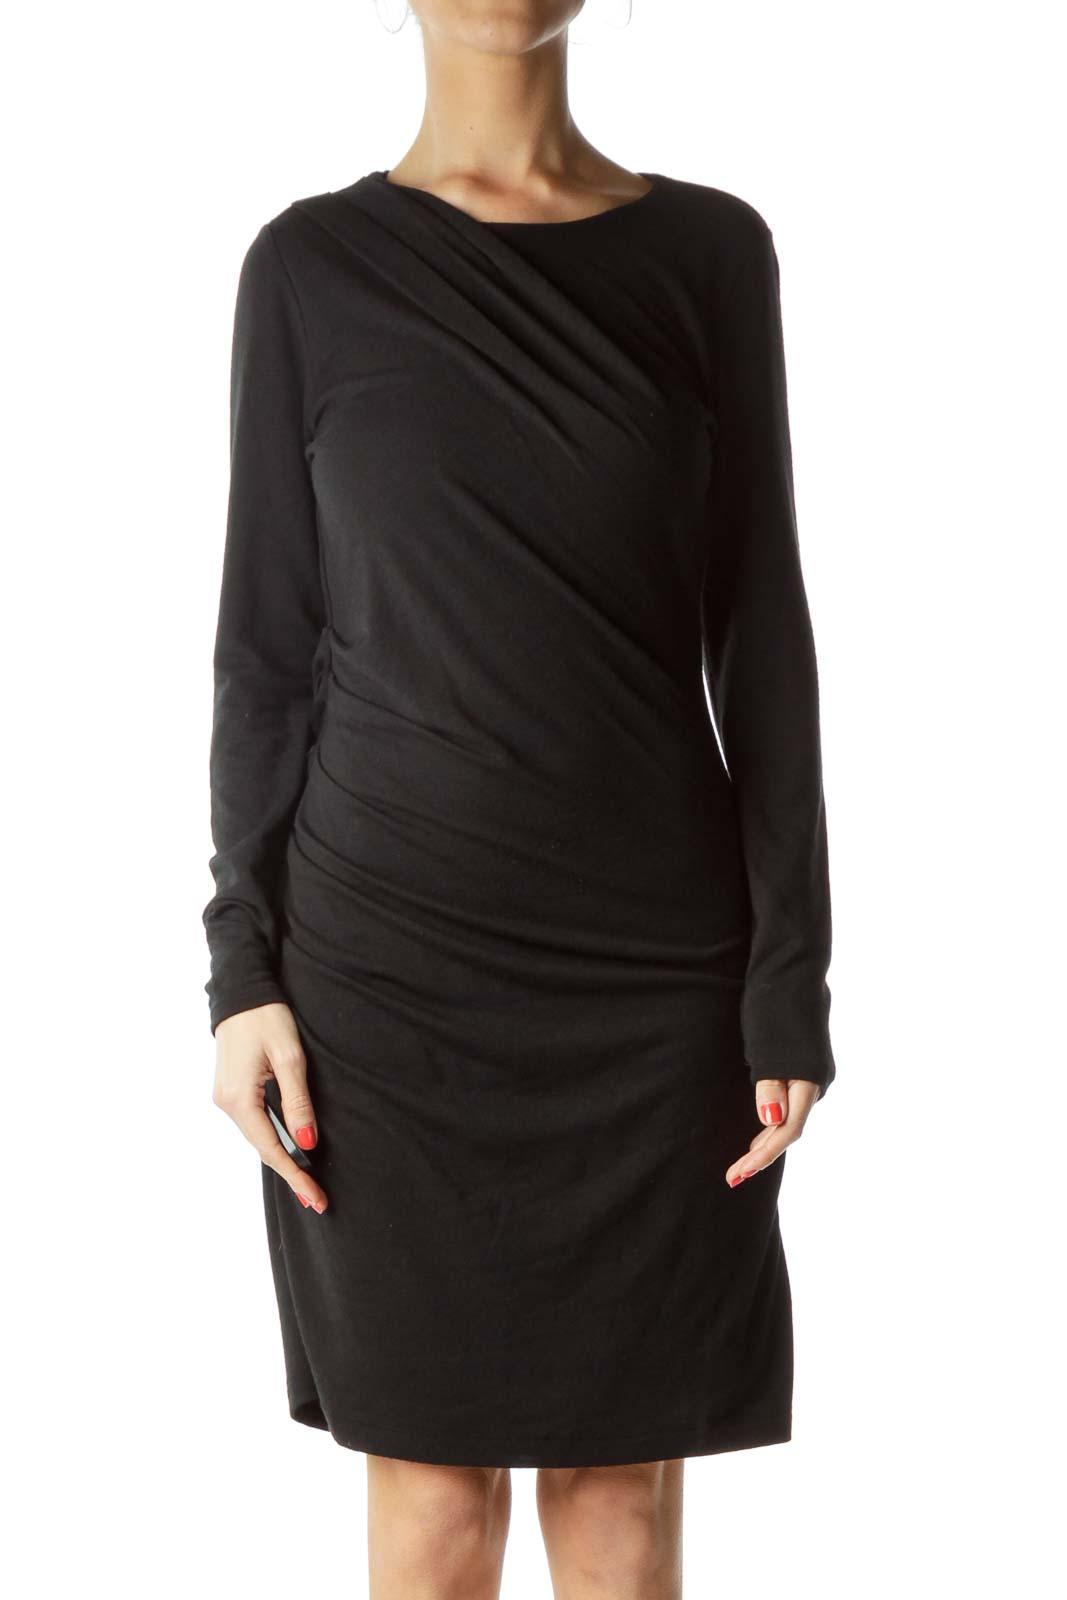 Black Midi Knit Dress